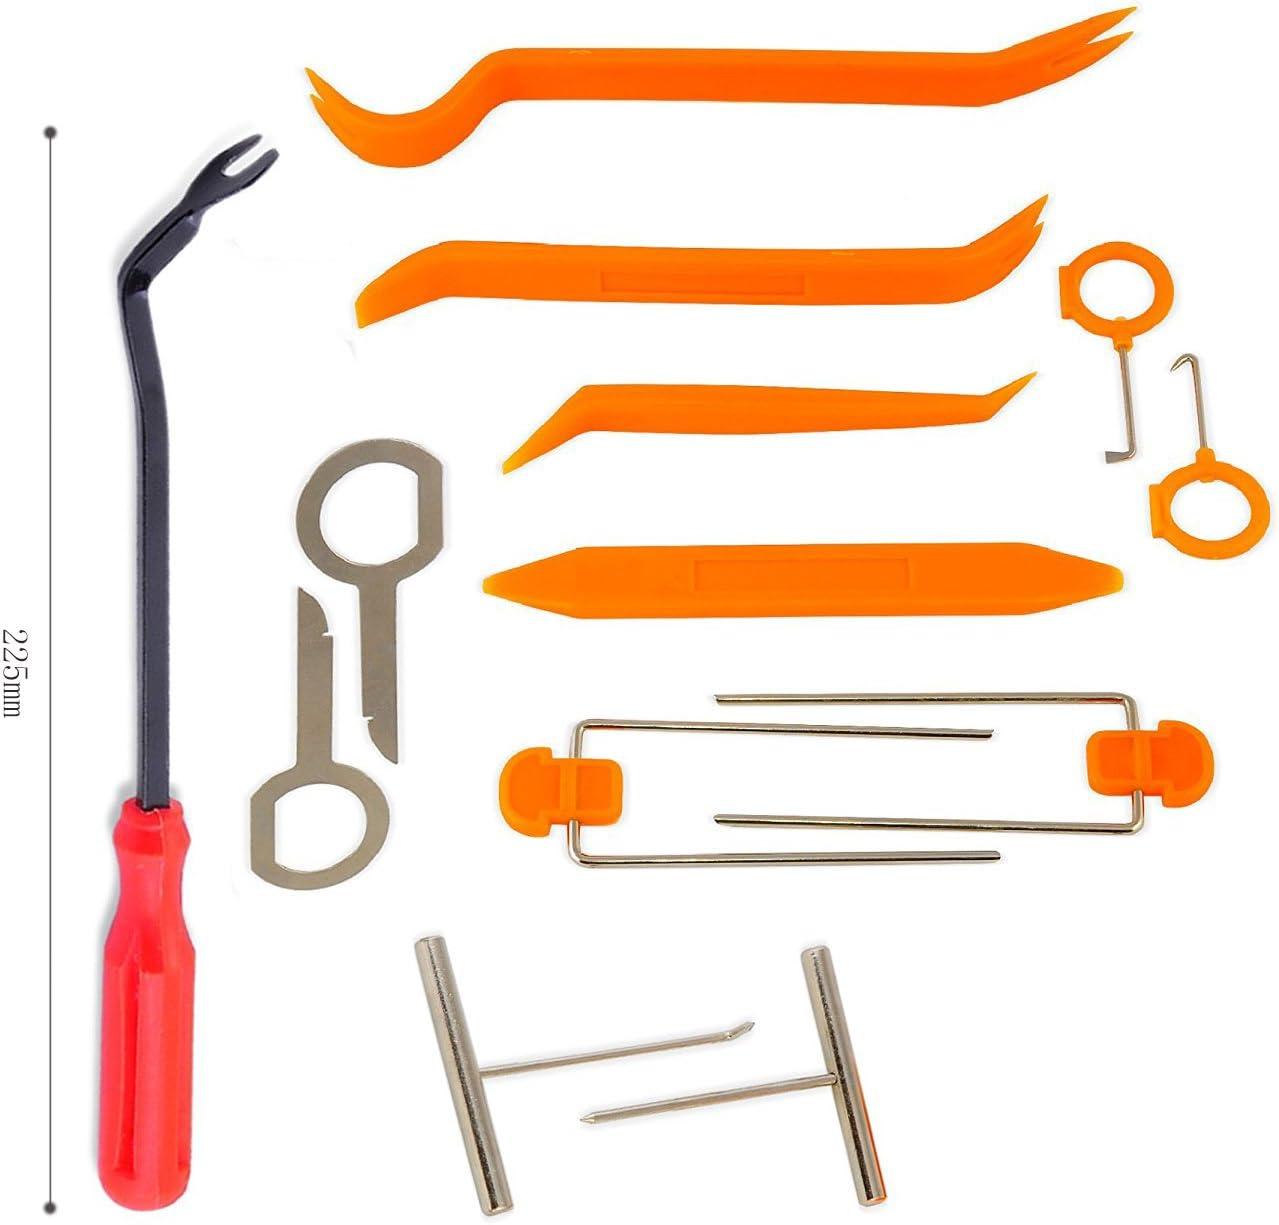 Kit de 12 herramientas para coche, extractores para las puertas, panel de control, rádio, luces + 1 extractor para el cierre